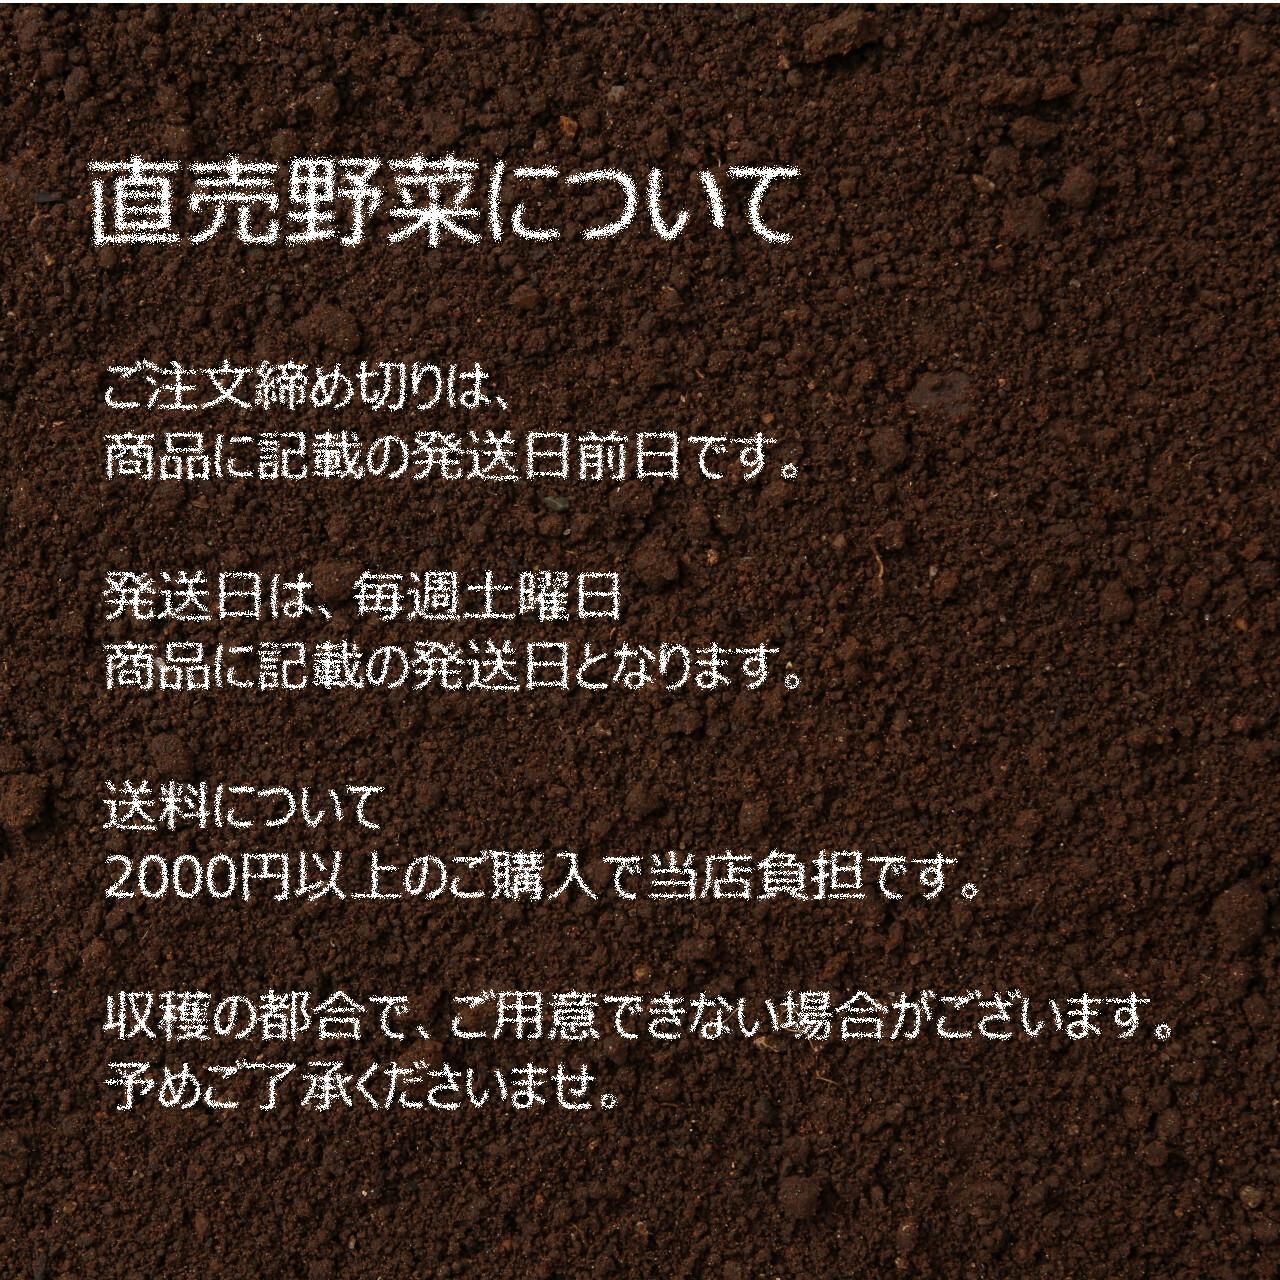 新鮮な秋野菜 : 大根 約 1本  11月の朝採り直売野菜 11月7日発送予定